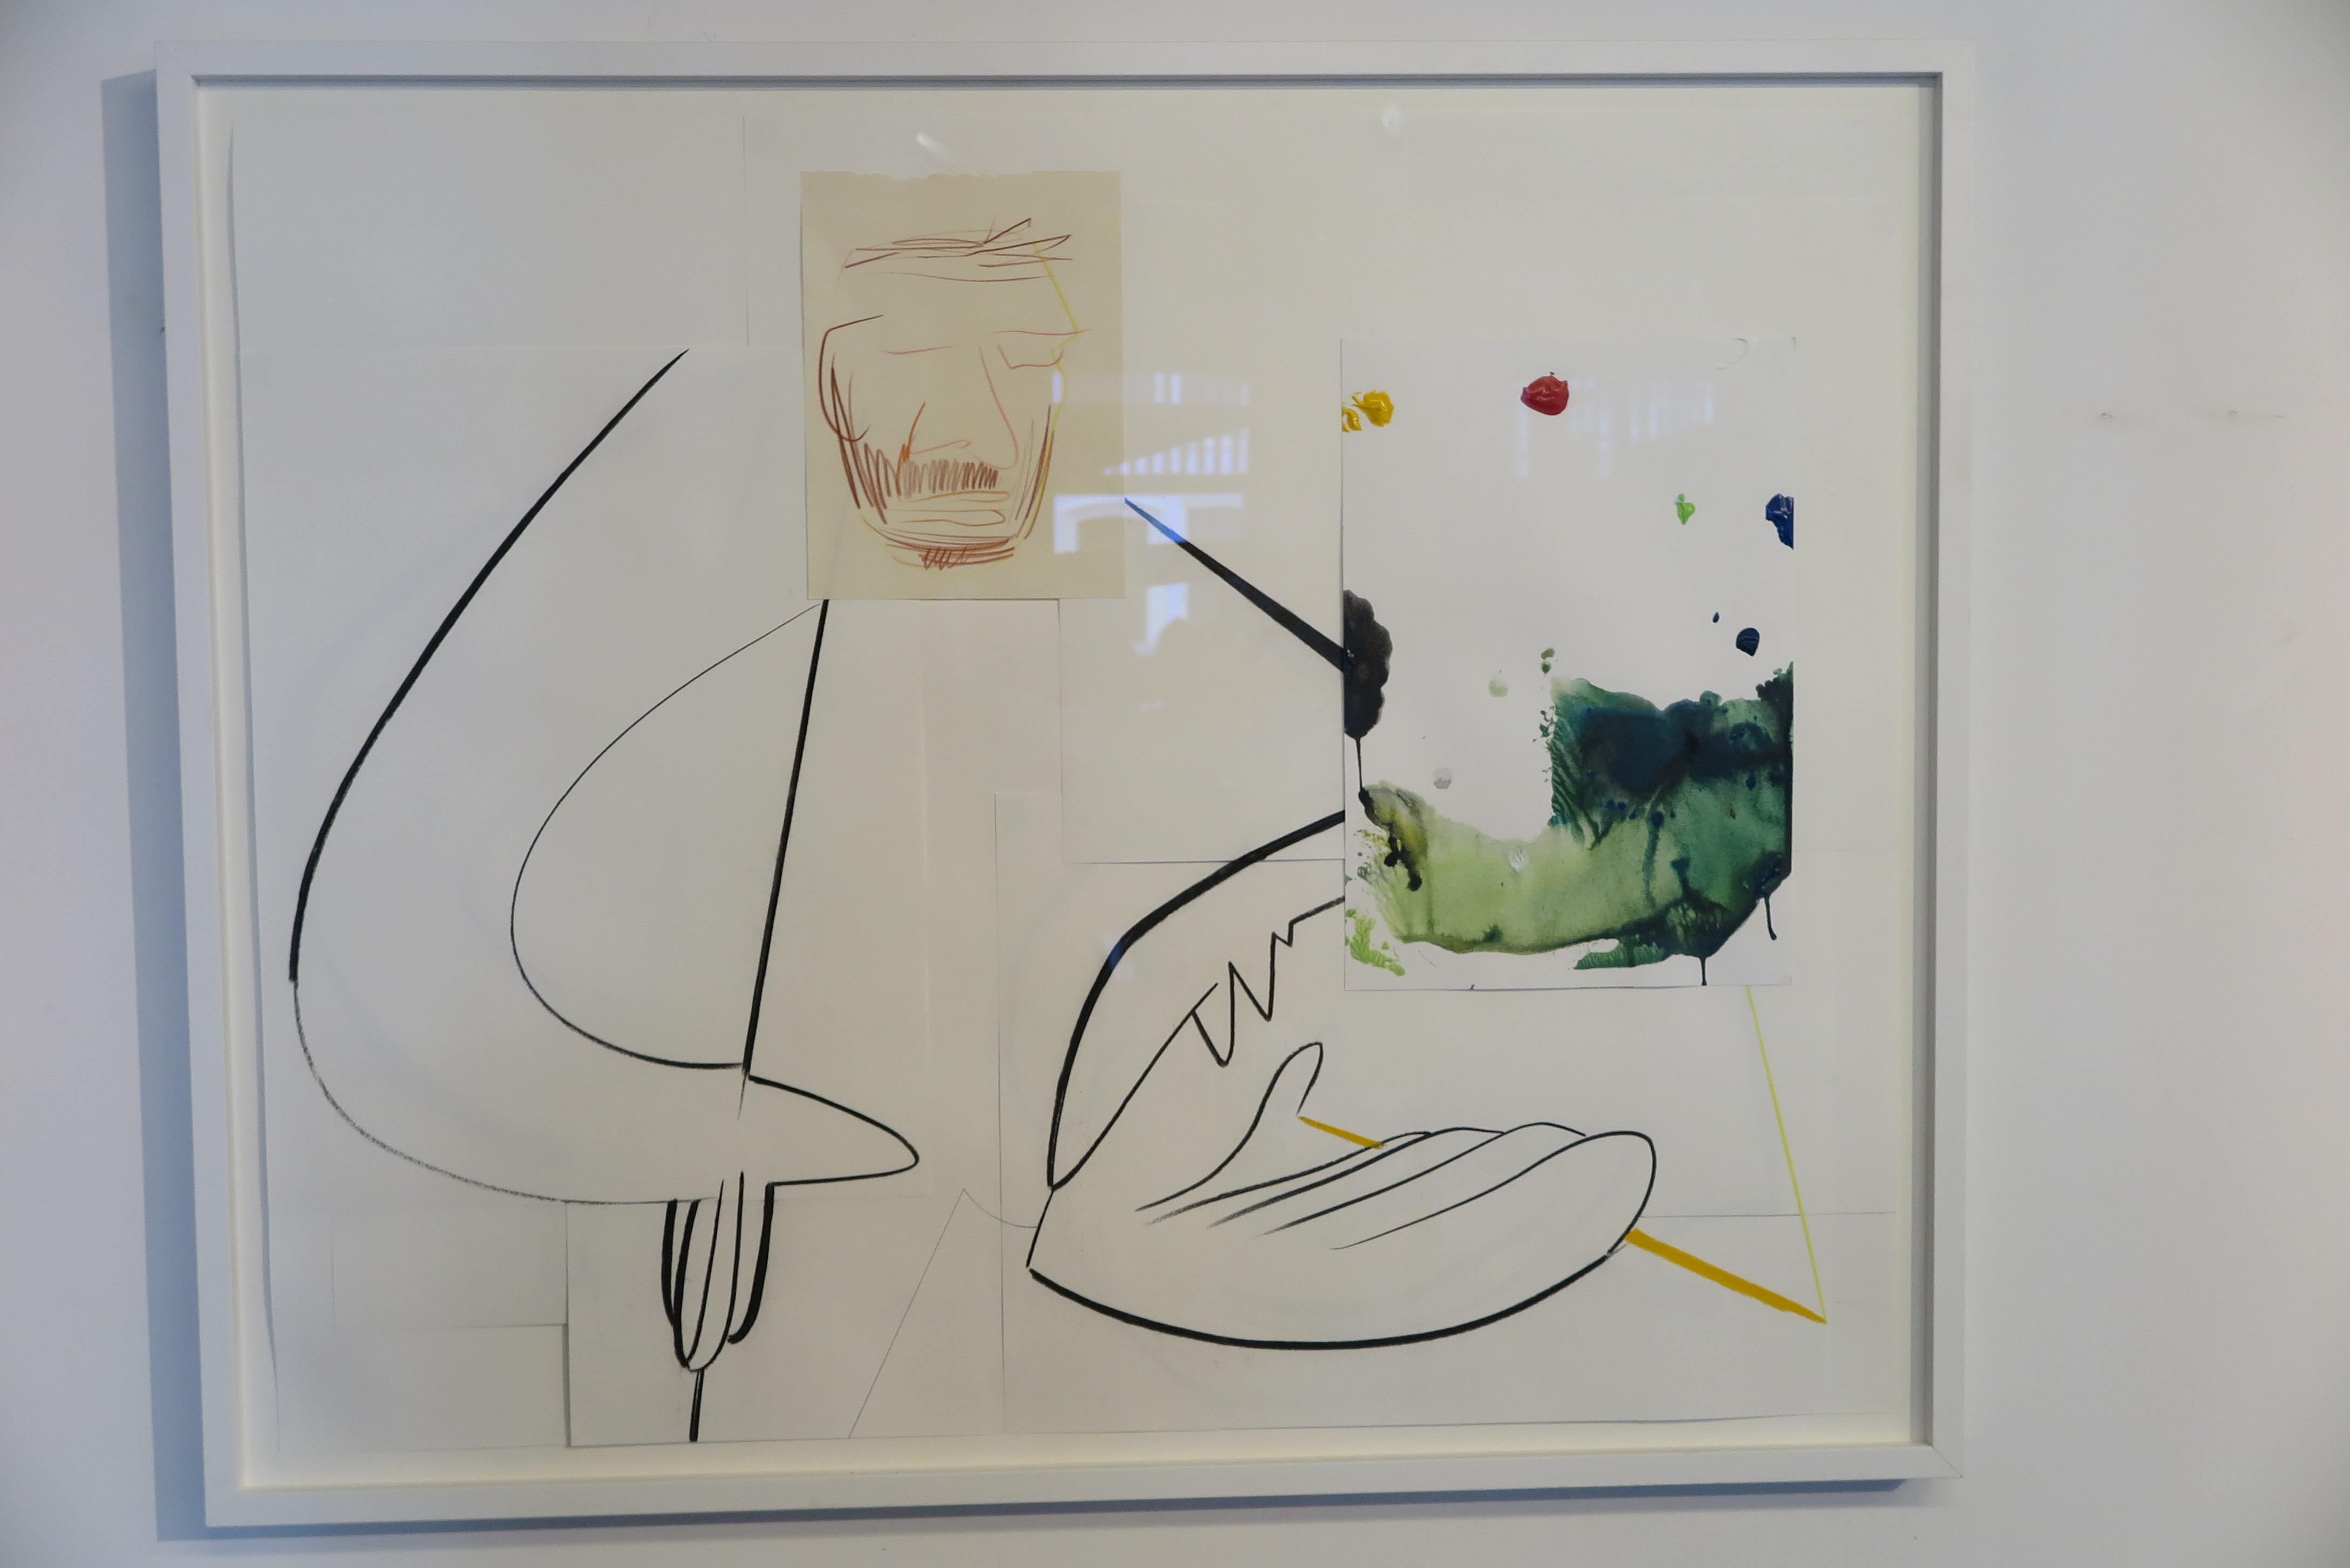 Joost Krijnen - The third meeting - 2015